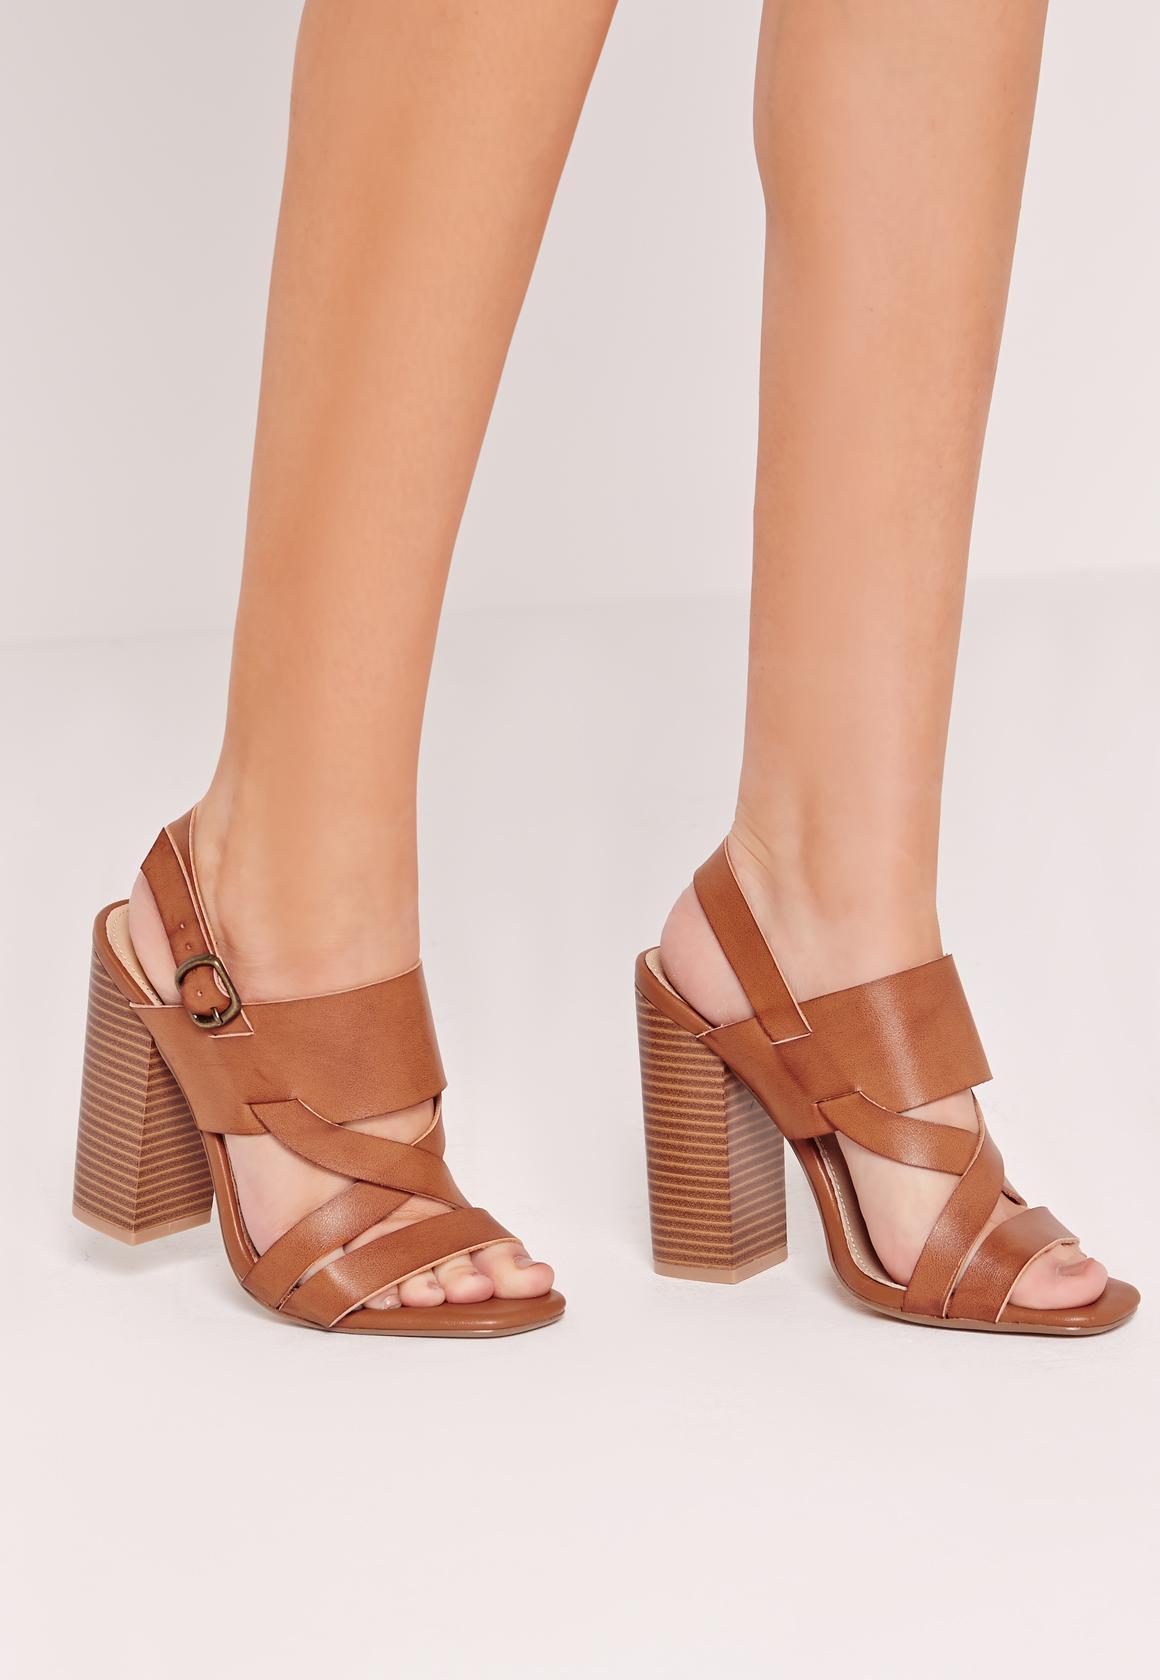 Sandales à talon carré Marron 6oWhQIH